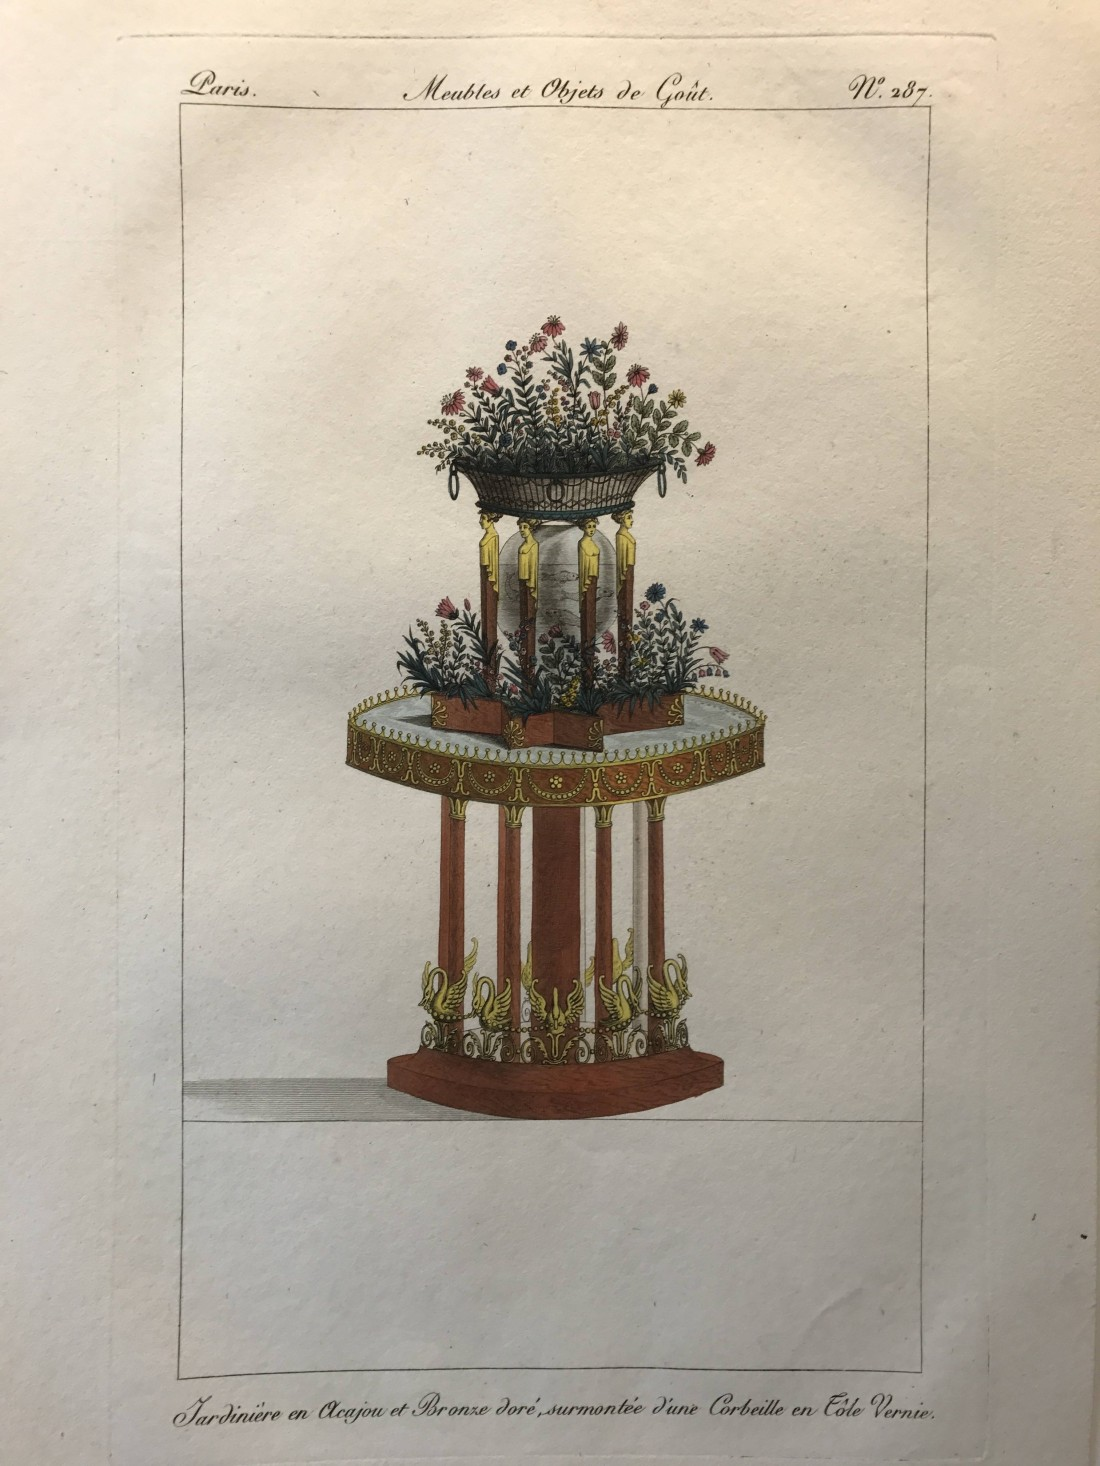 """""""Jardinière en acajou et bronze doré, surmountée d'une corbeille en tôle vernie."""" Number 287."""